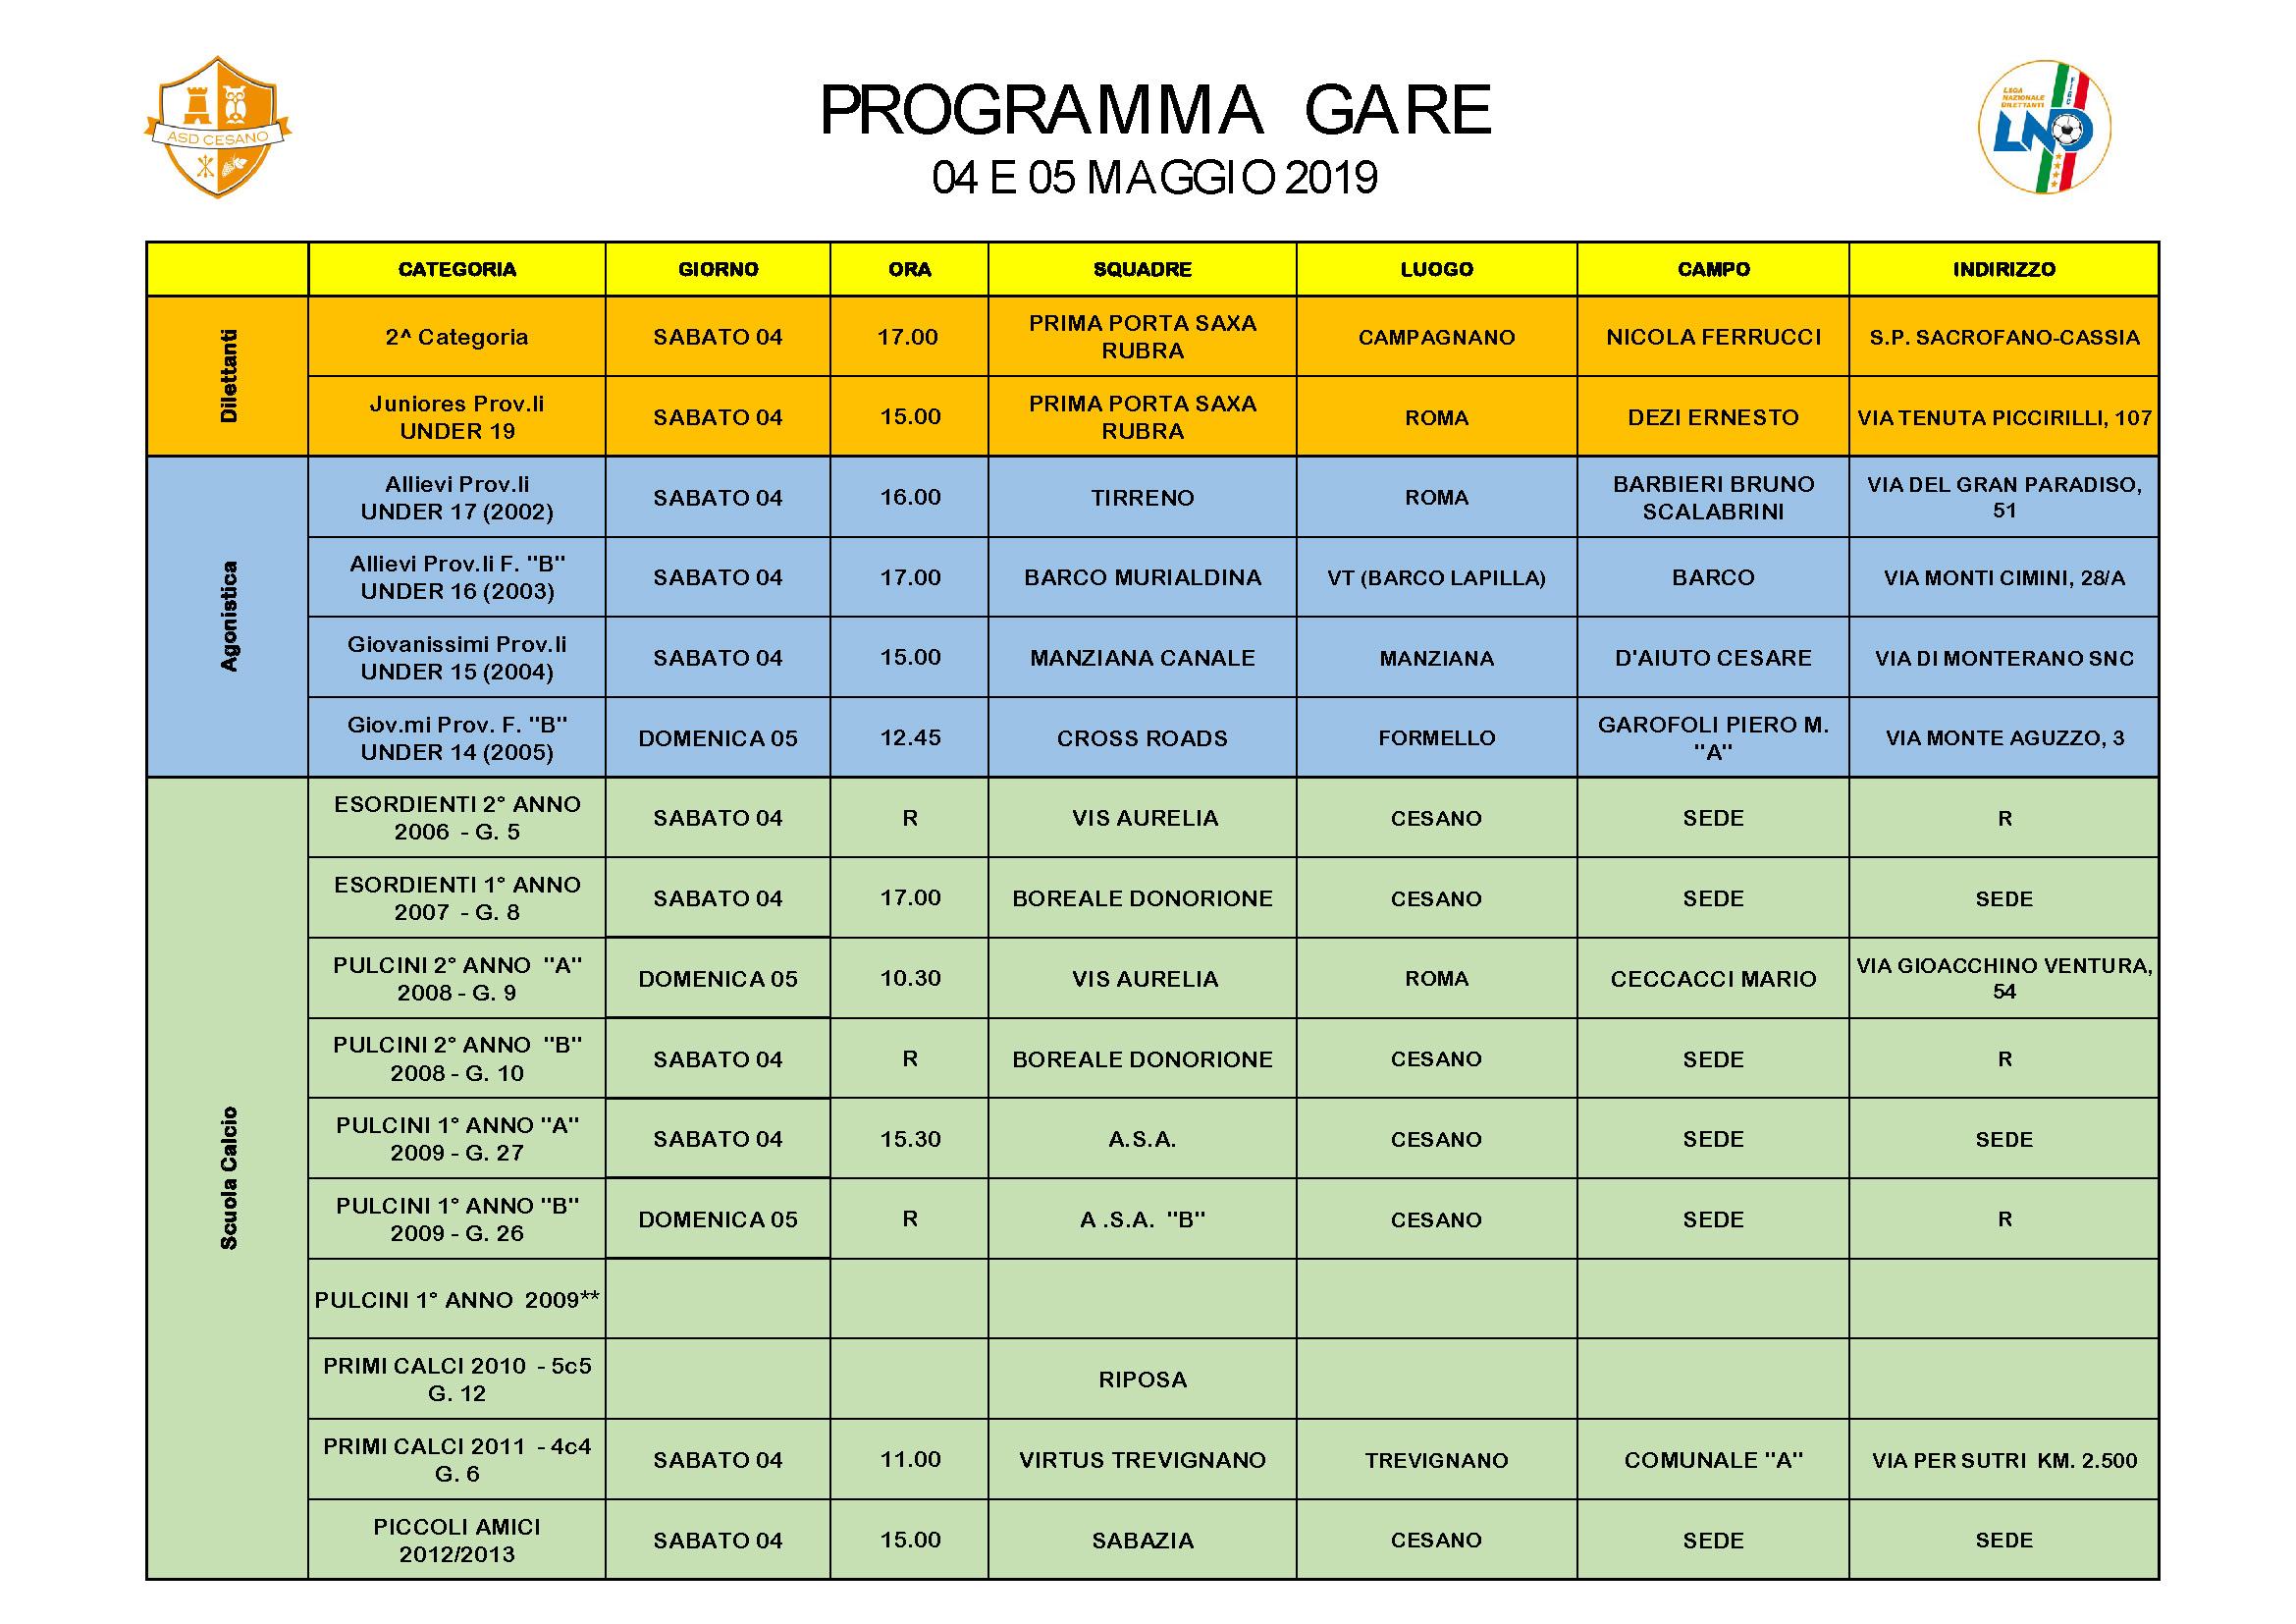 Programma gare 04-05-2019